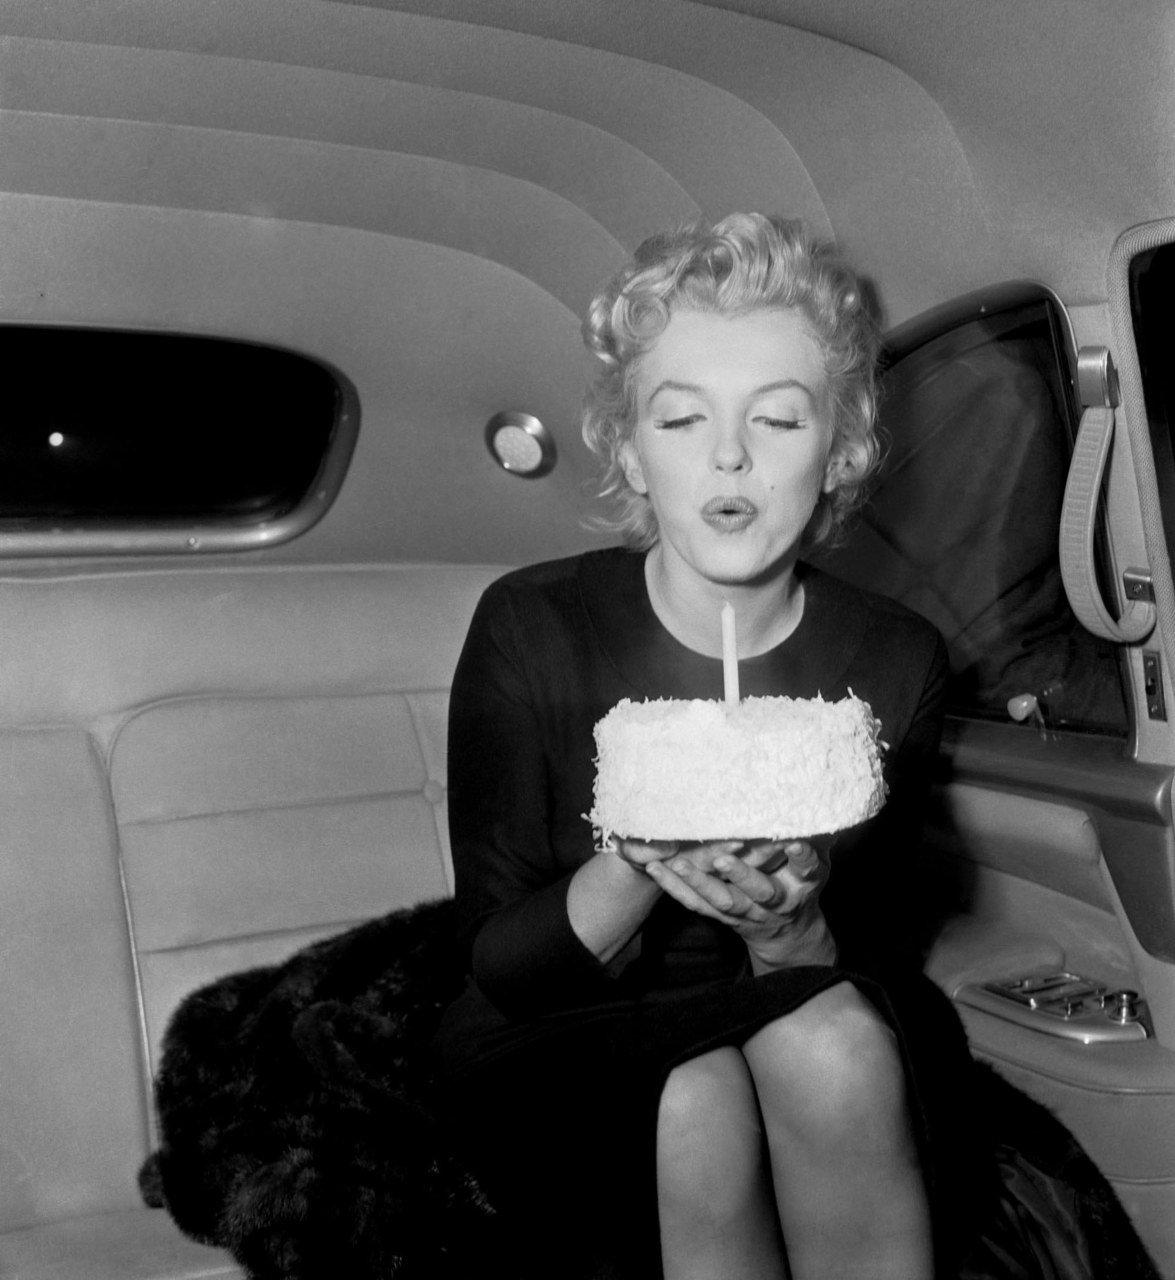 marilyn-monroe-happy-birthday-2016-iyug3zdt.jpg